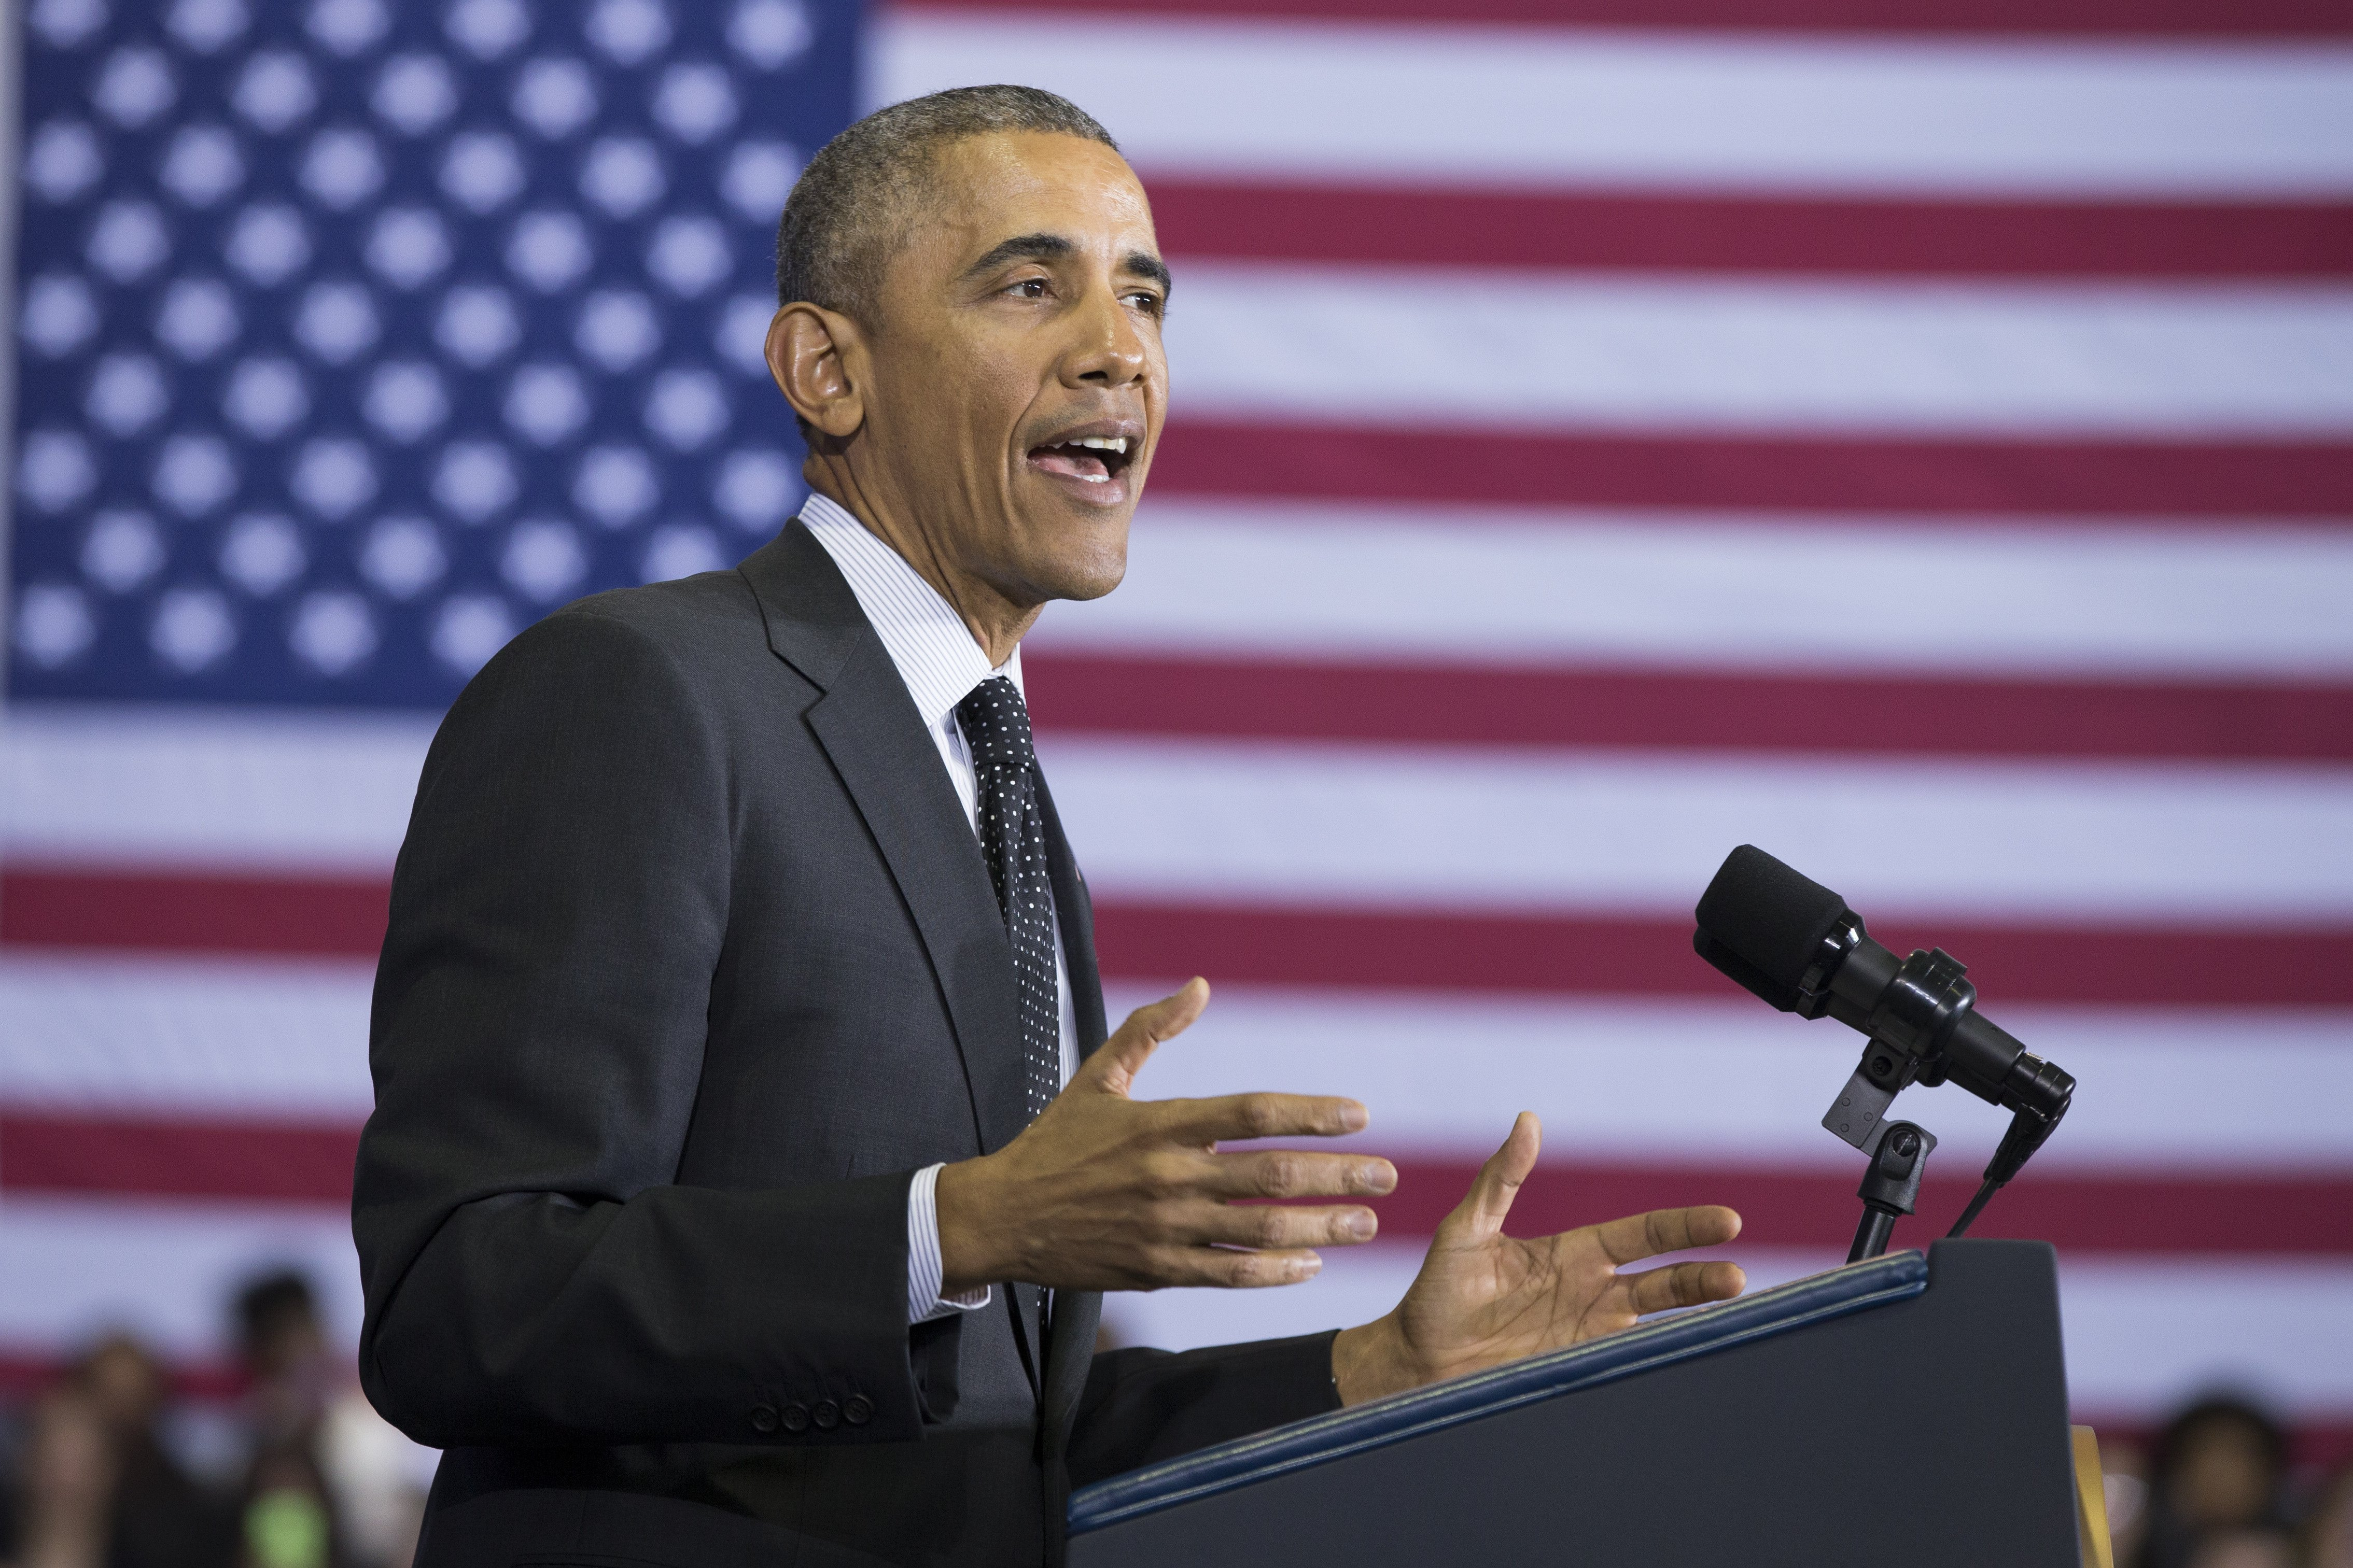 President Barack Obama speaks in Chicago on Feb. 19, 2015.